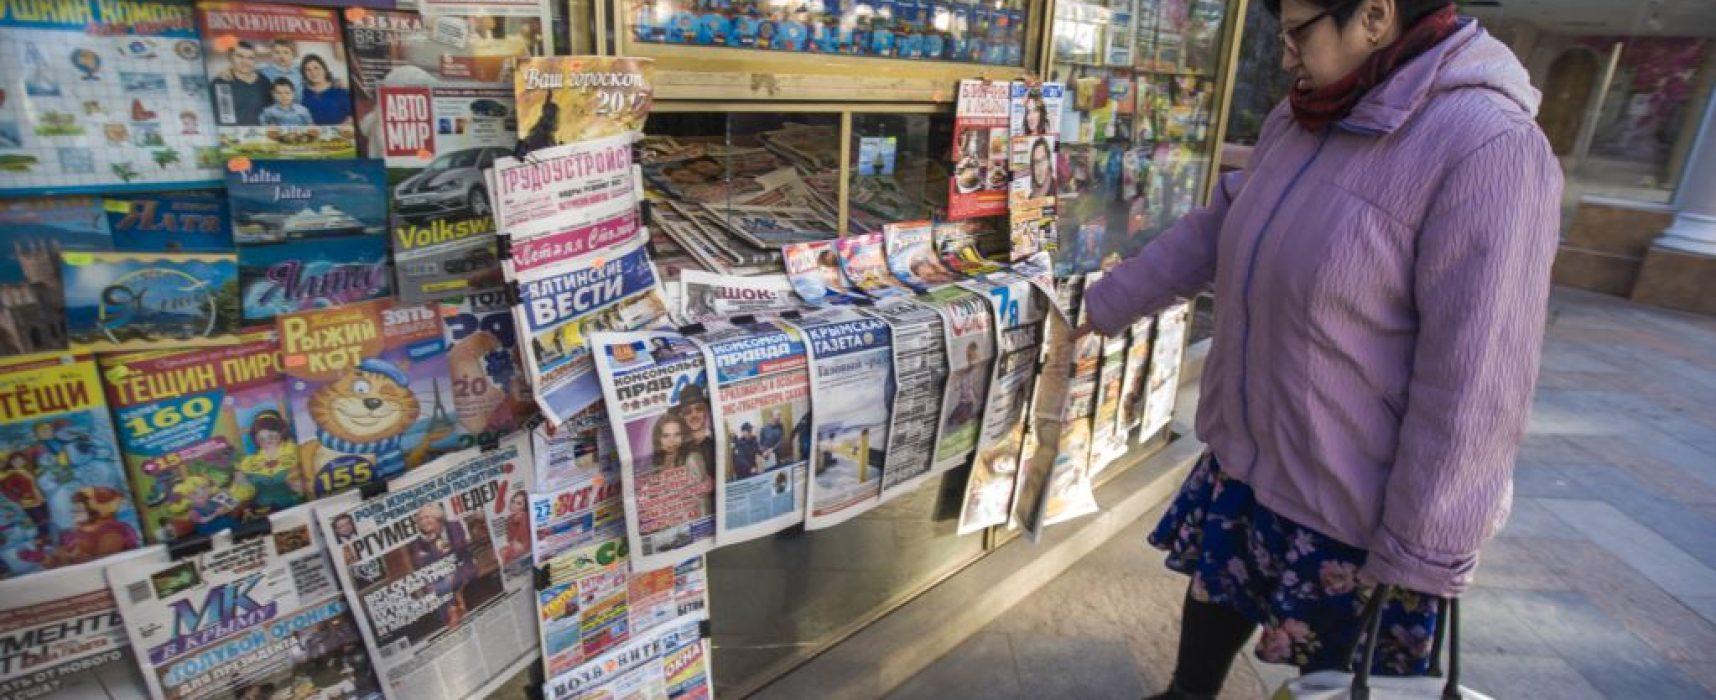 Параллельные вселенные крымской «прессы»